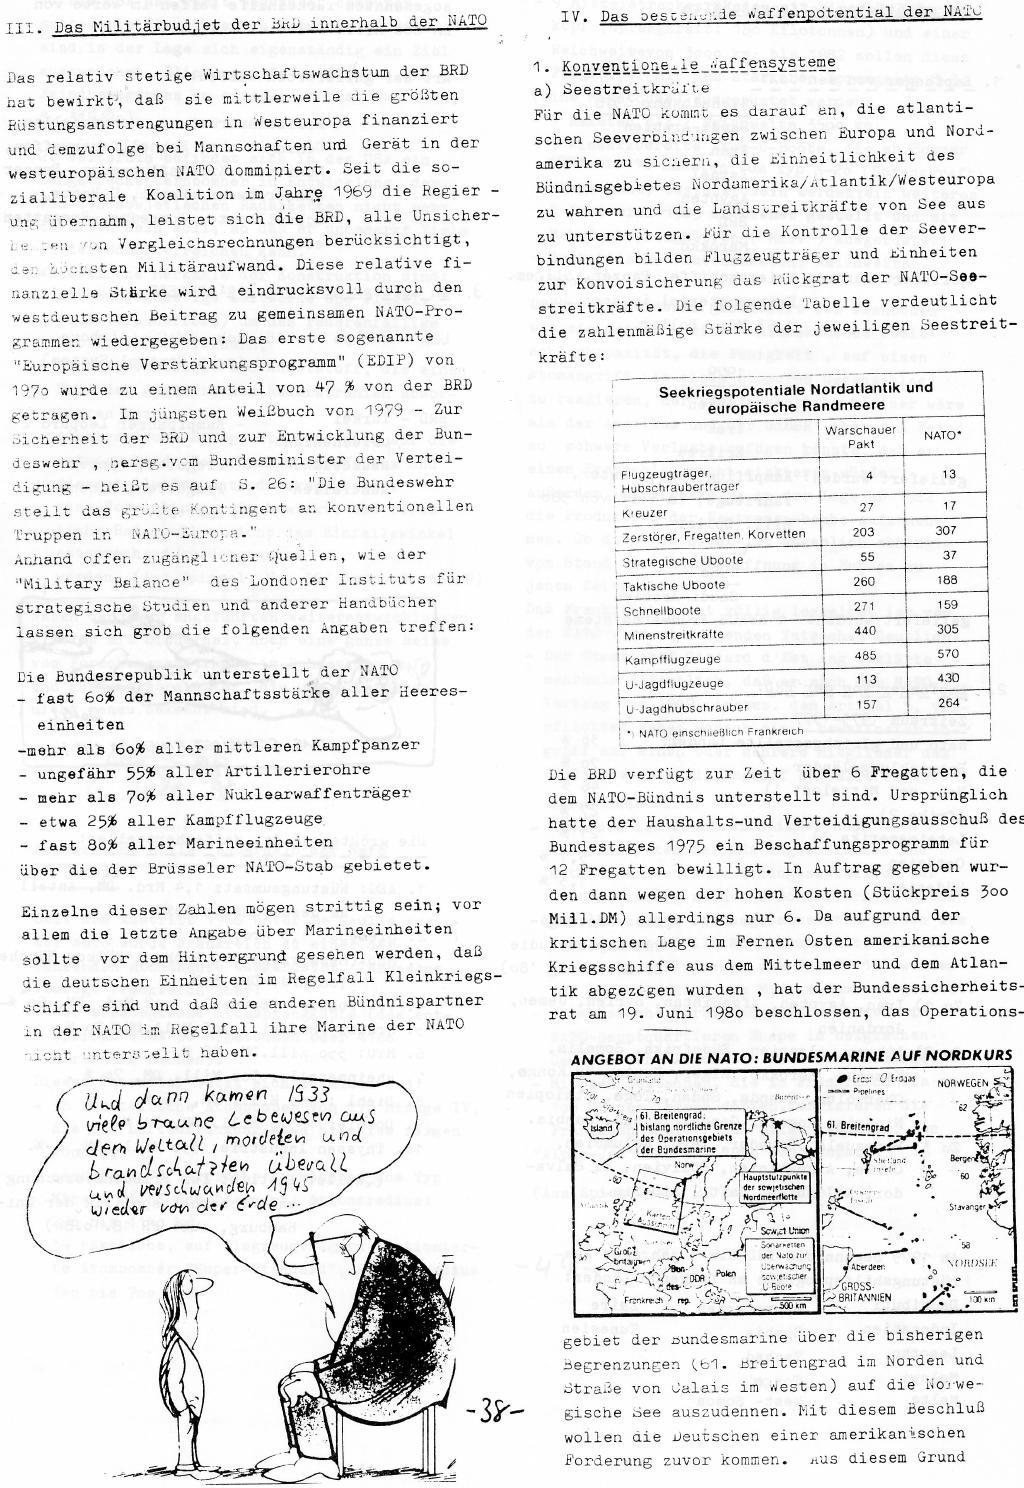 Bremen_1980_NATO_Broschuere_38